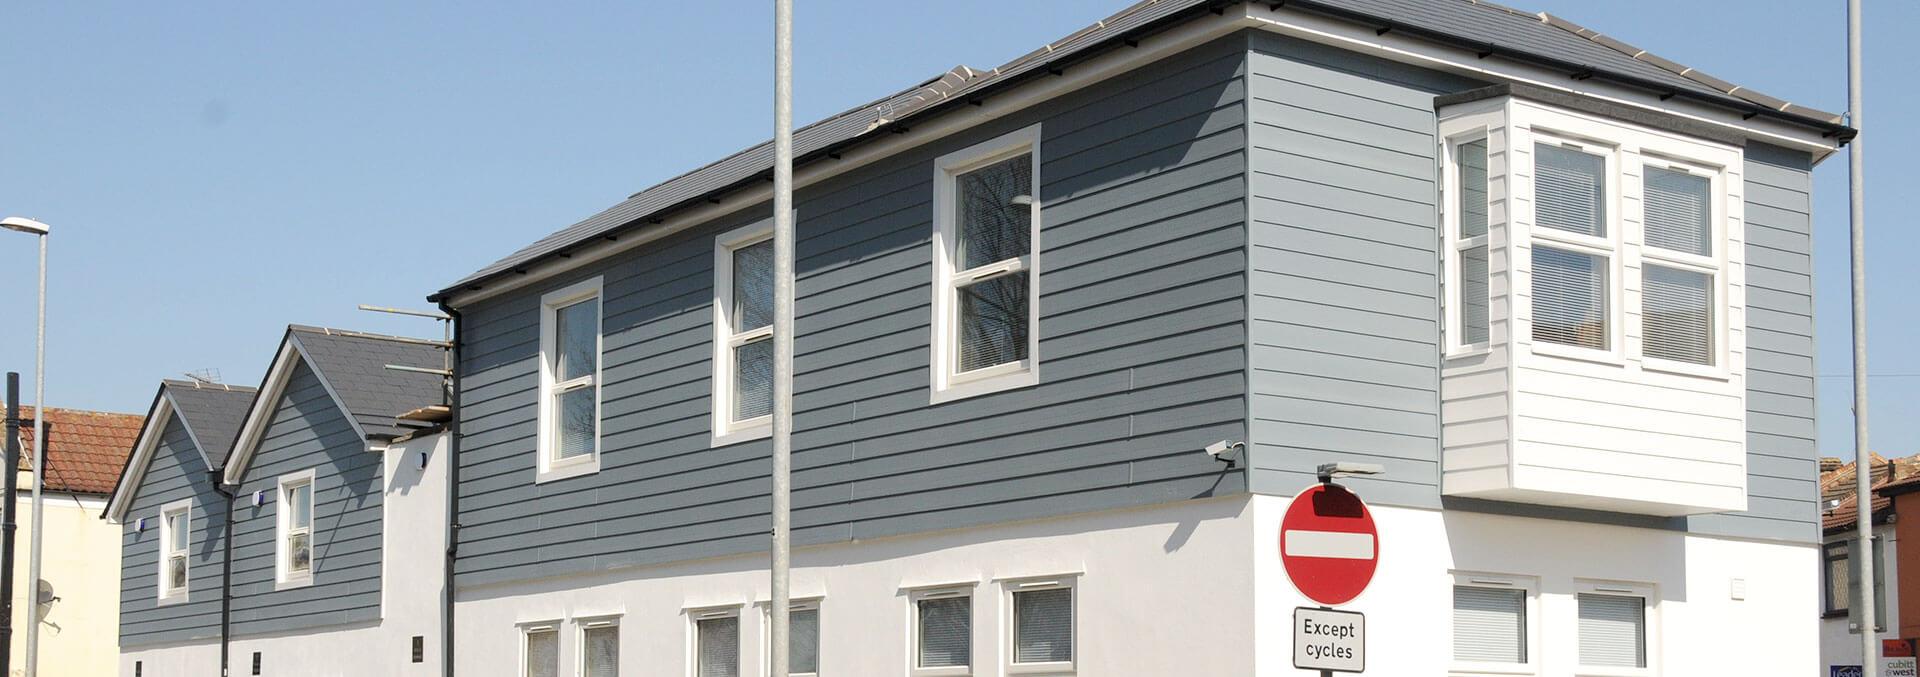 Light blue external cladding installation